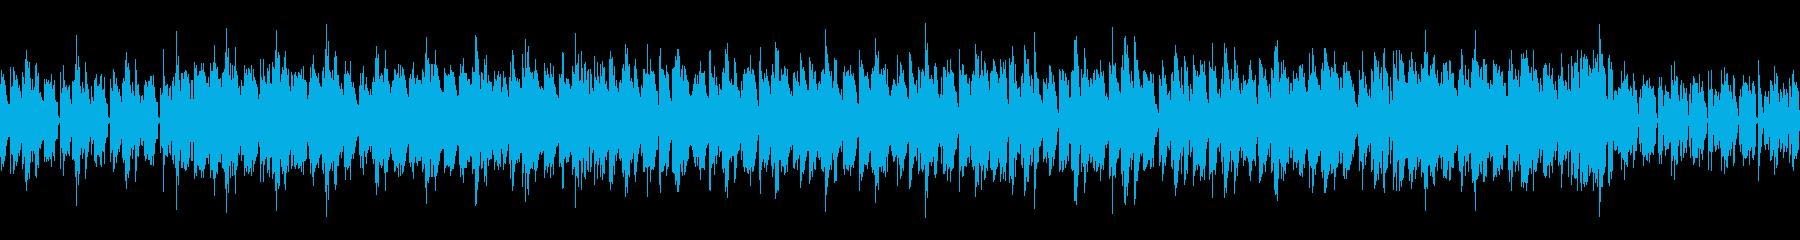 疾走感と緊迫感のあるループ対応BGMの再生済みの波形